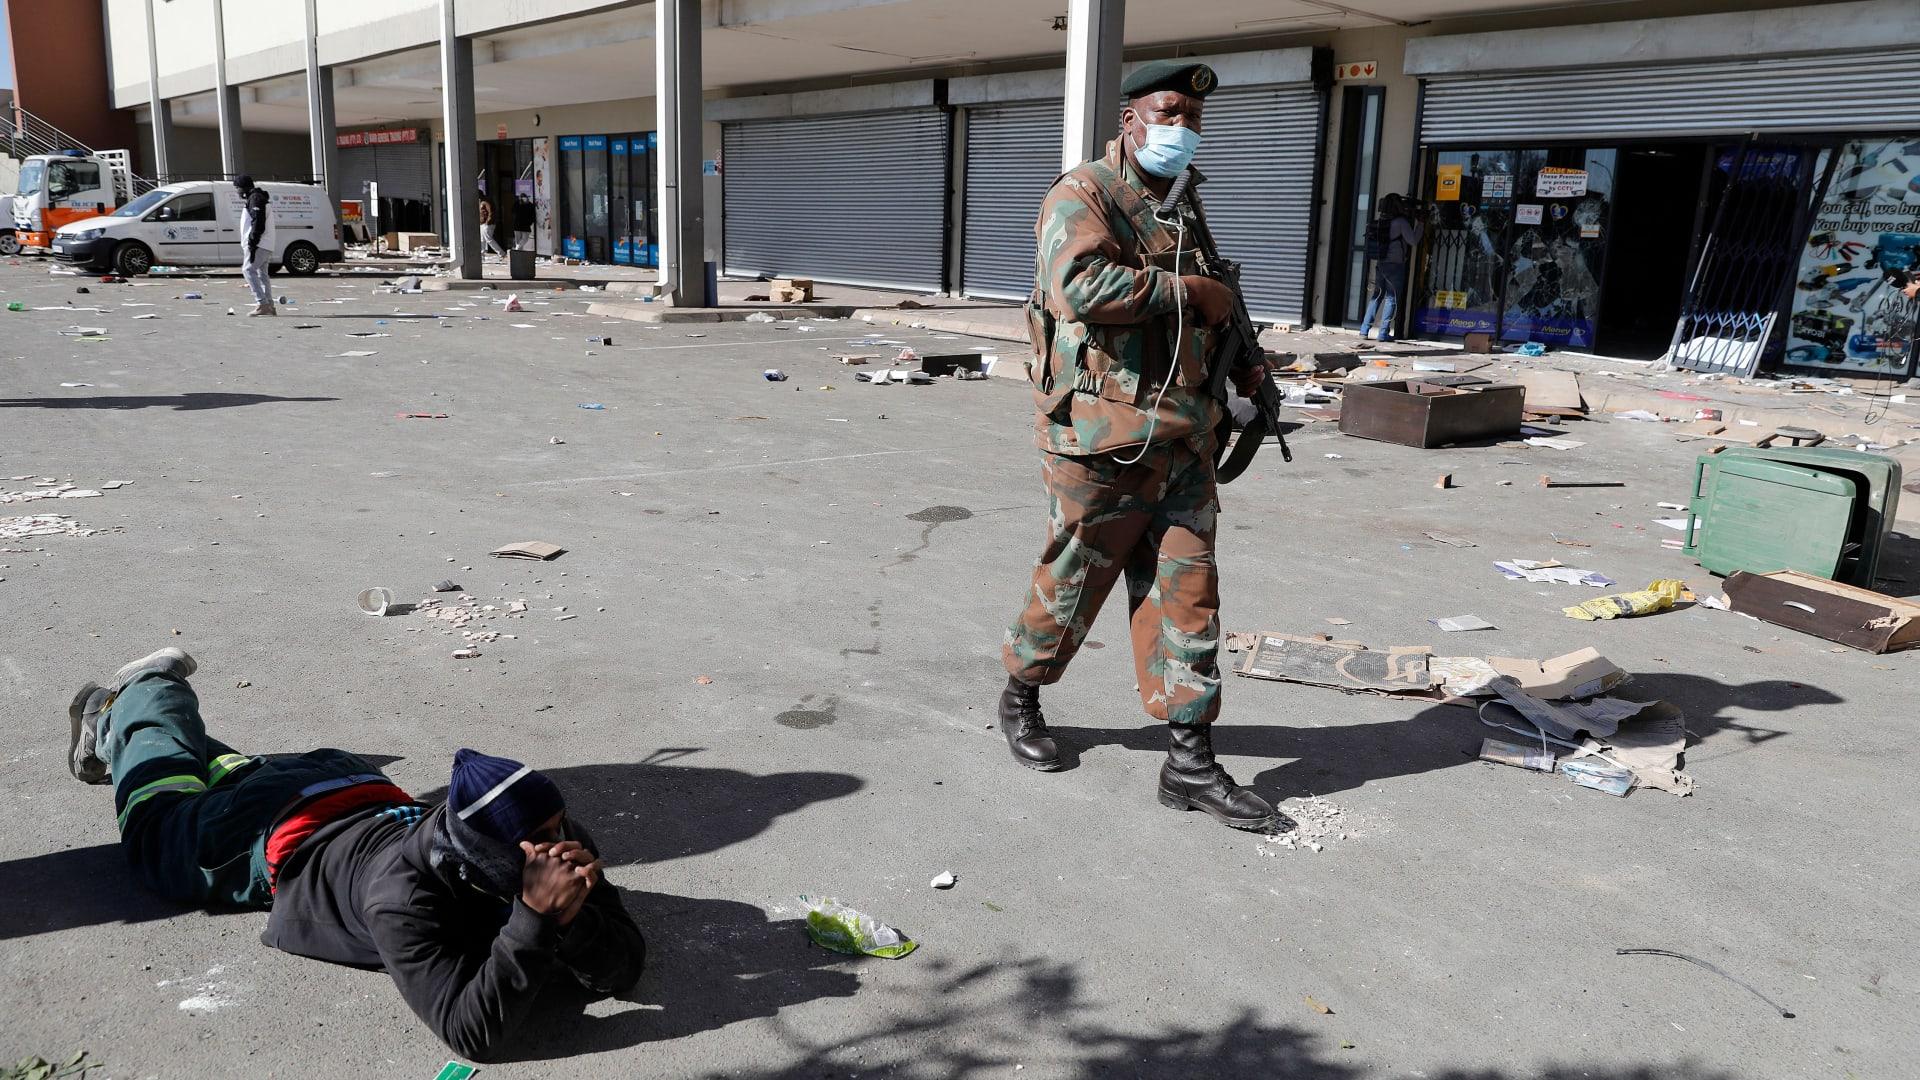 عناصر من قوات الدفاع الوطني لجنوب إفريقيا (SANDF) يقومون بدوريات في منطقة ميدان ديبلوف المنهوبة في سويتو ، جوهانسبرج في 13 يوليو 2021 ،